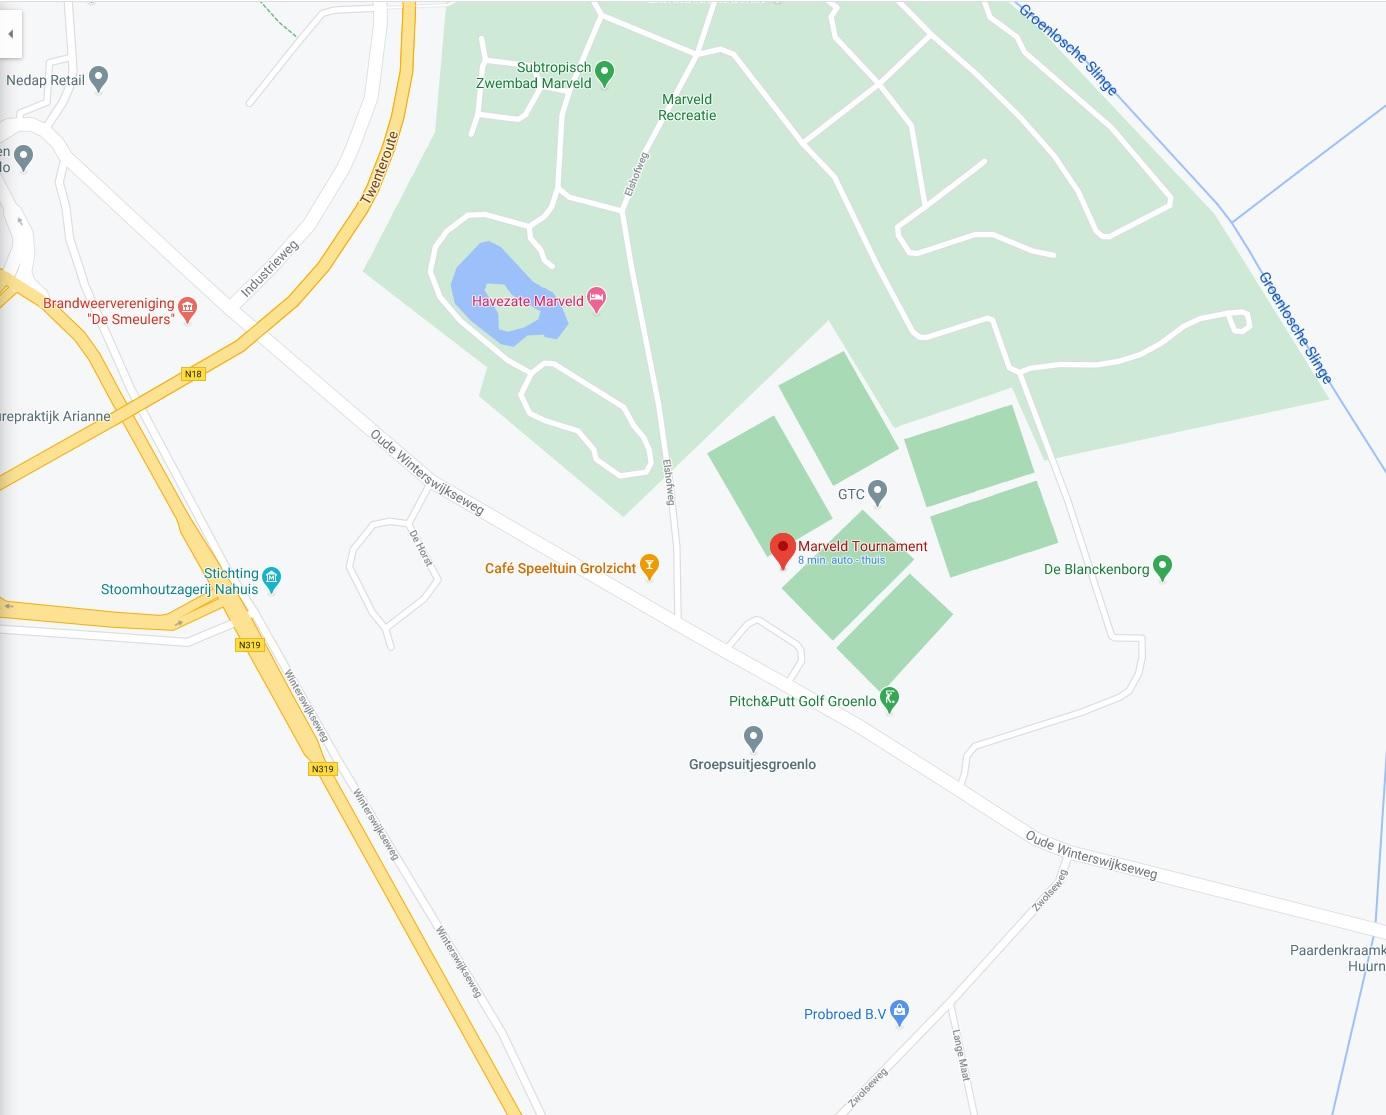 Route description and parking information